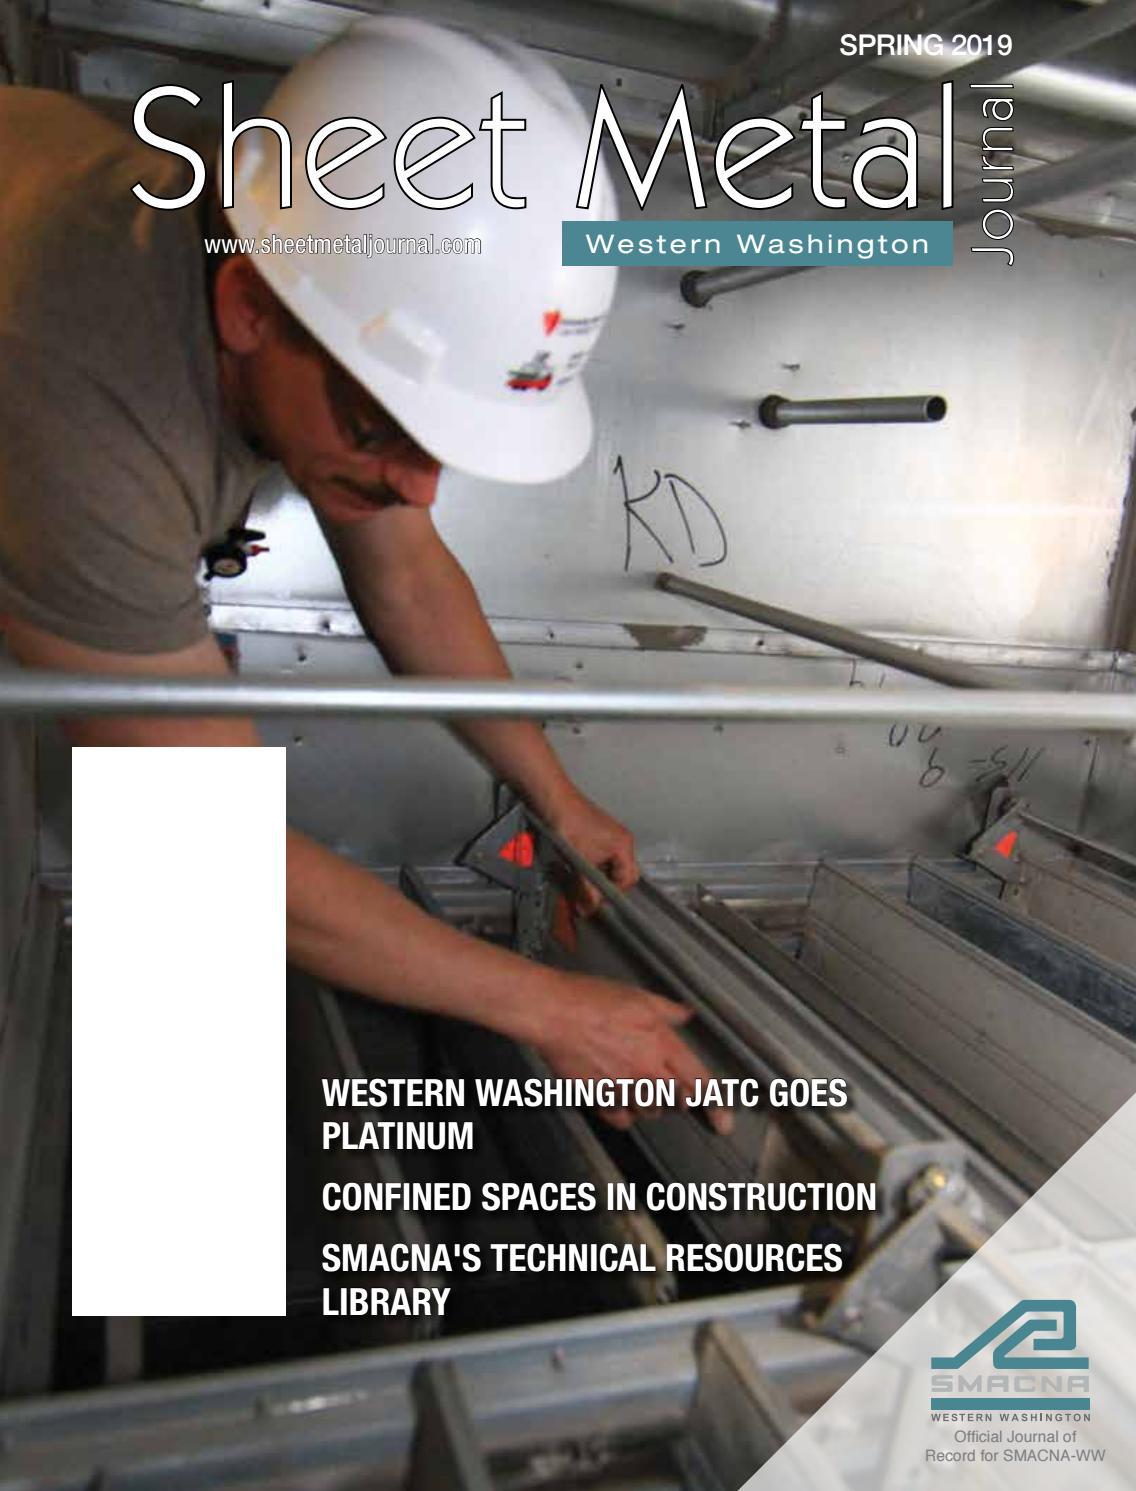 Sheet Metal Journal - Western Washington, Spring 2019 by